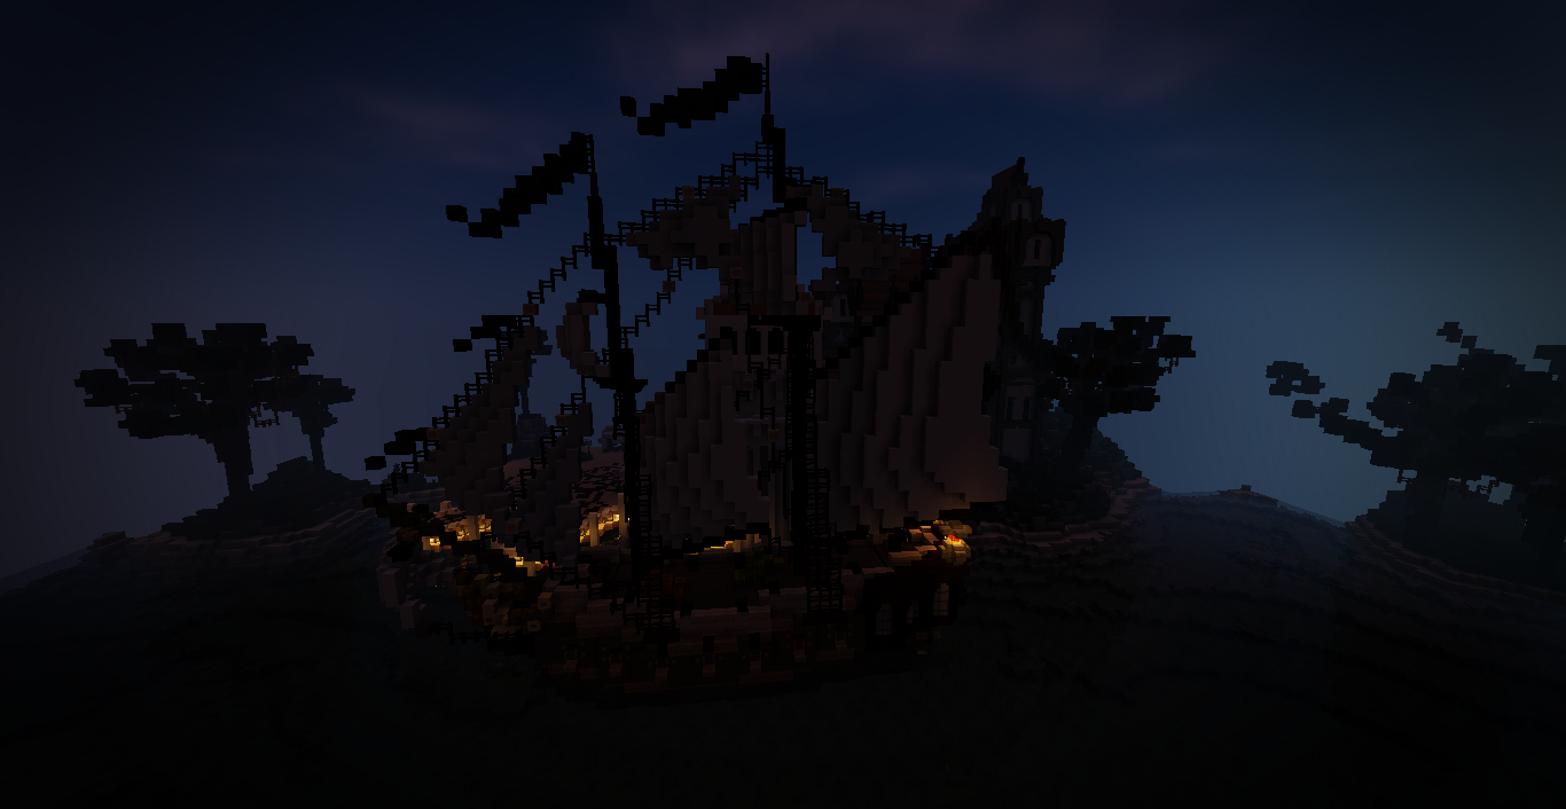 Hintergrundbilder Minecraft Seeschwamm Nacht Schiff